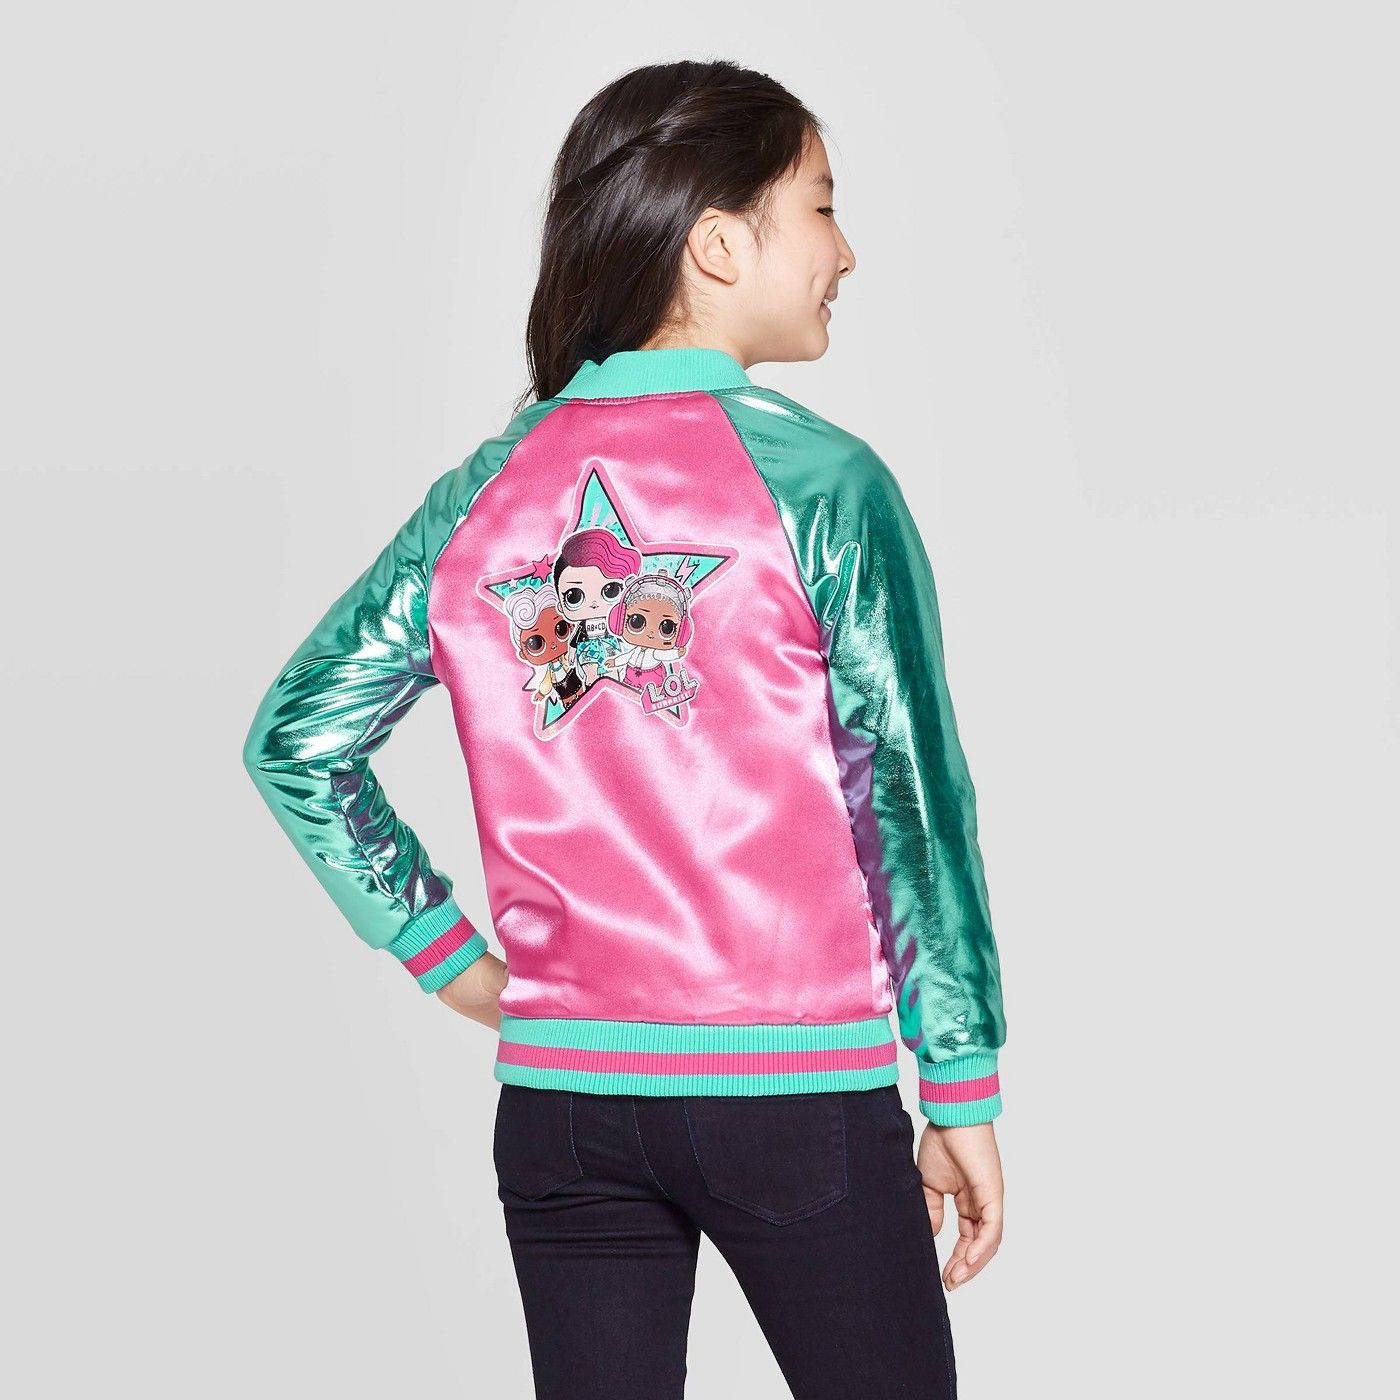 Girls L O L Surprise Go Team Glitter Track Jacket Pink Affiliate Team Spon Surprise Girls Jackets Track Jackets Snap Front Jacket [ 1400 x 1400 Pixel ]